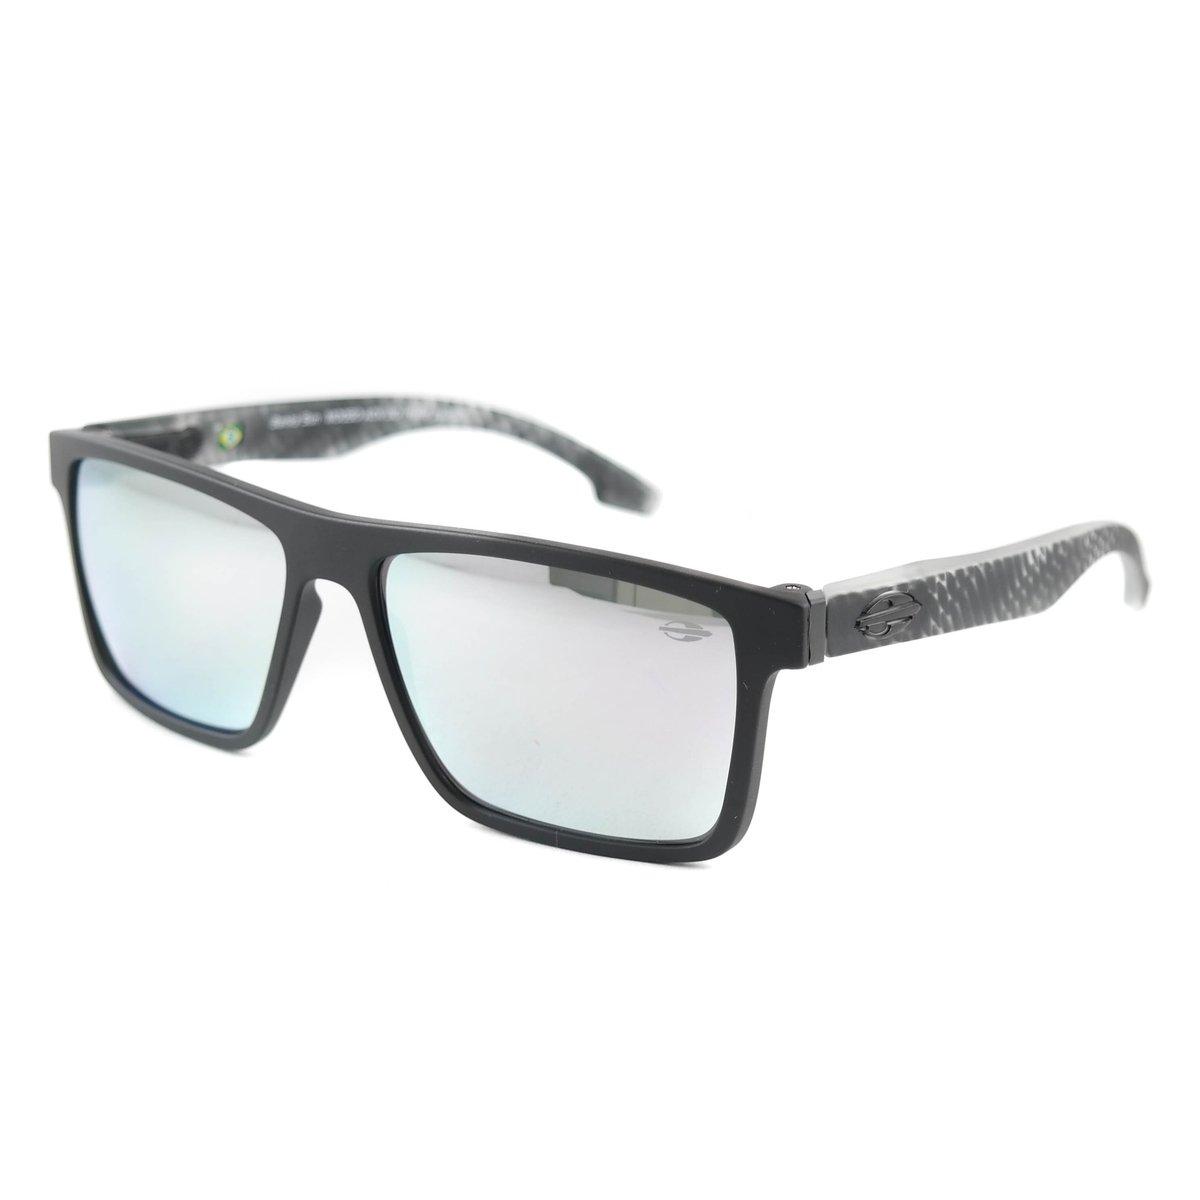 9c203c7e01ced Óculos de Sol Mormaii Banks Sun - Compre Agora